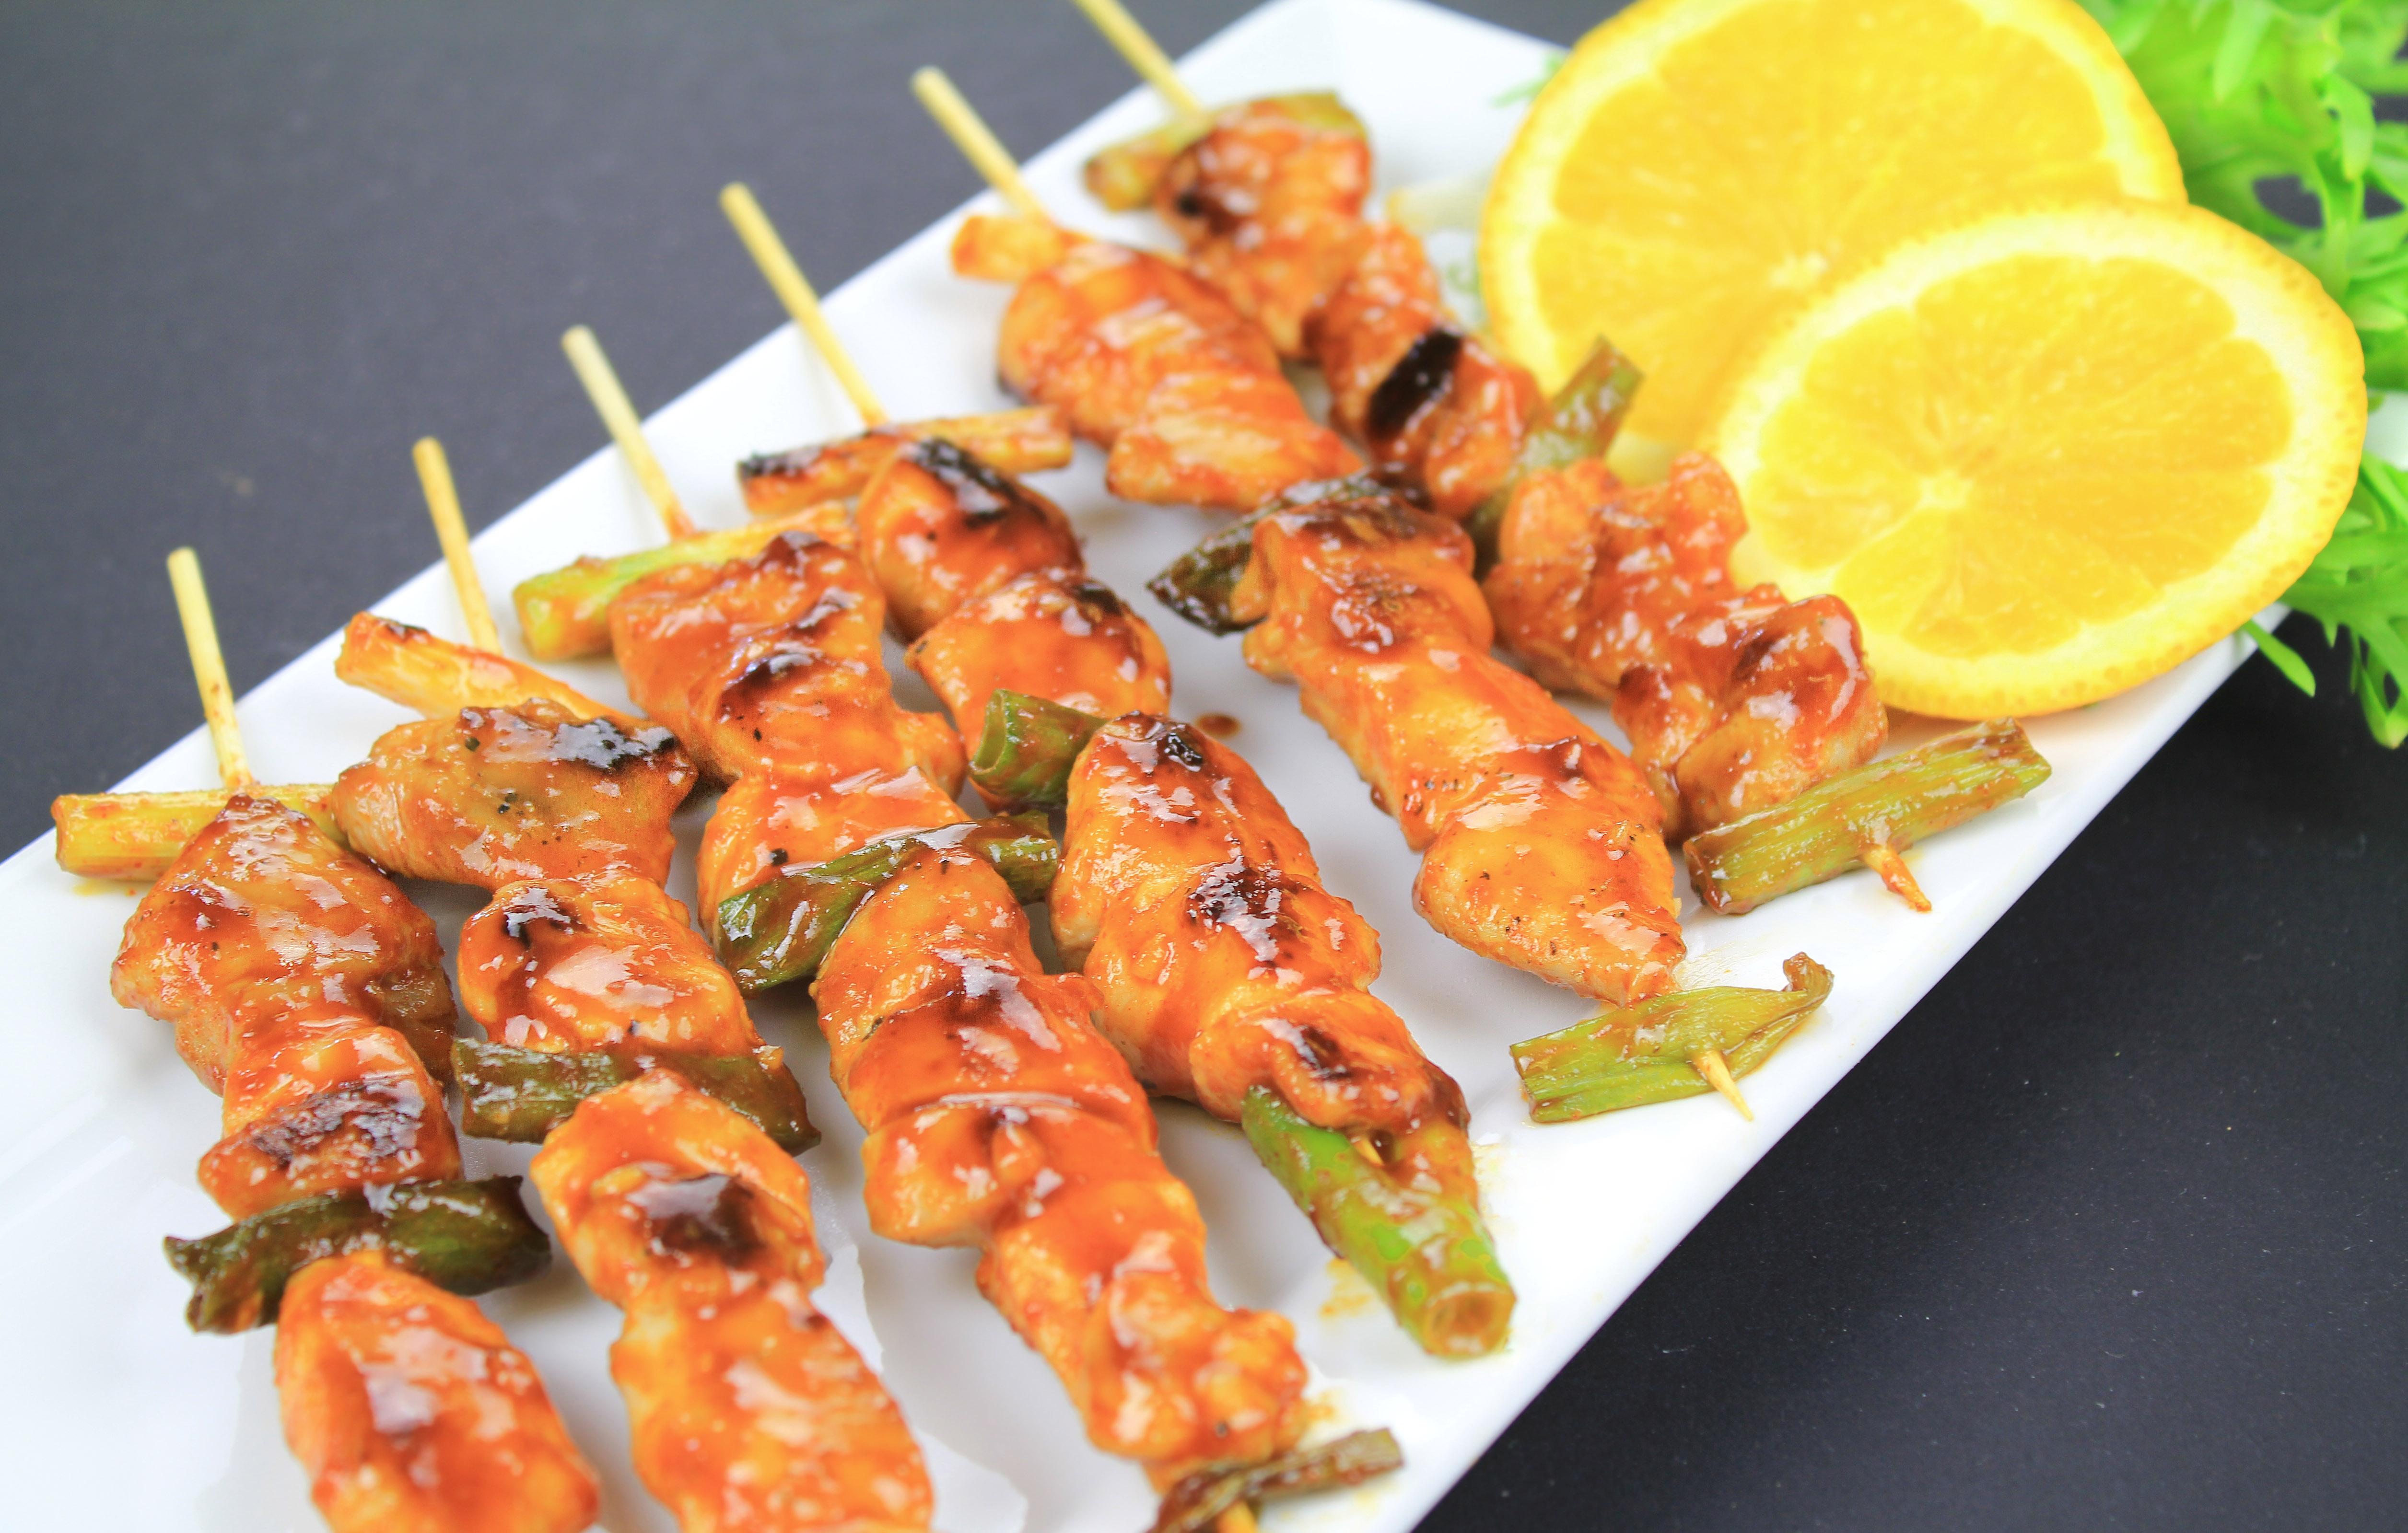 Korean spicy chicken skewers | Flickr - Photo Sharing!